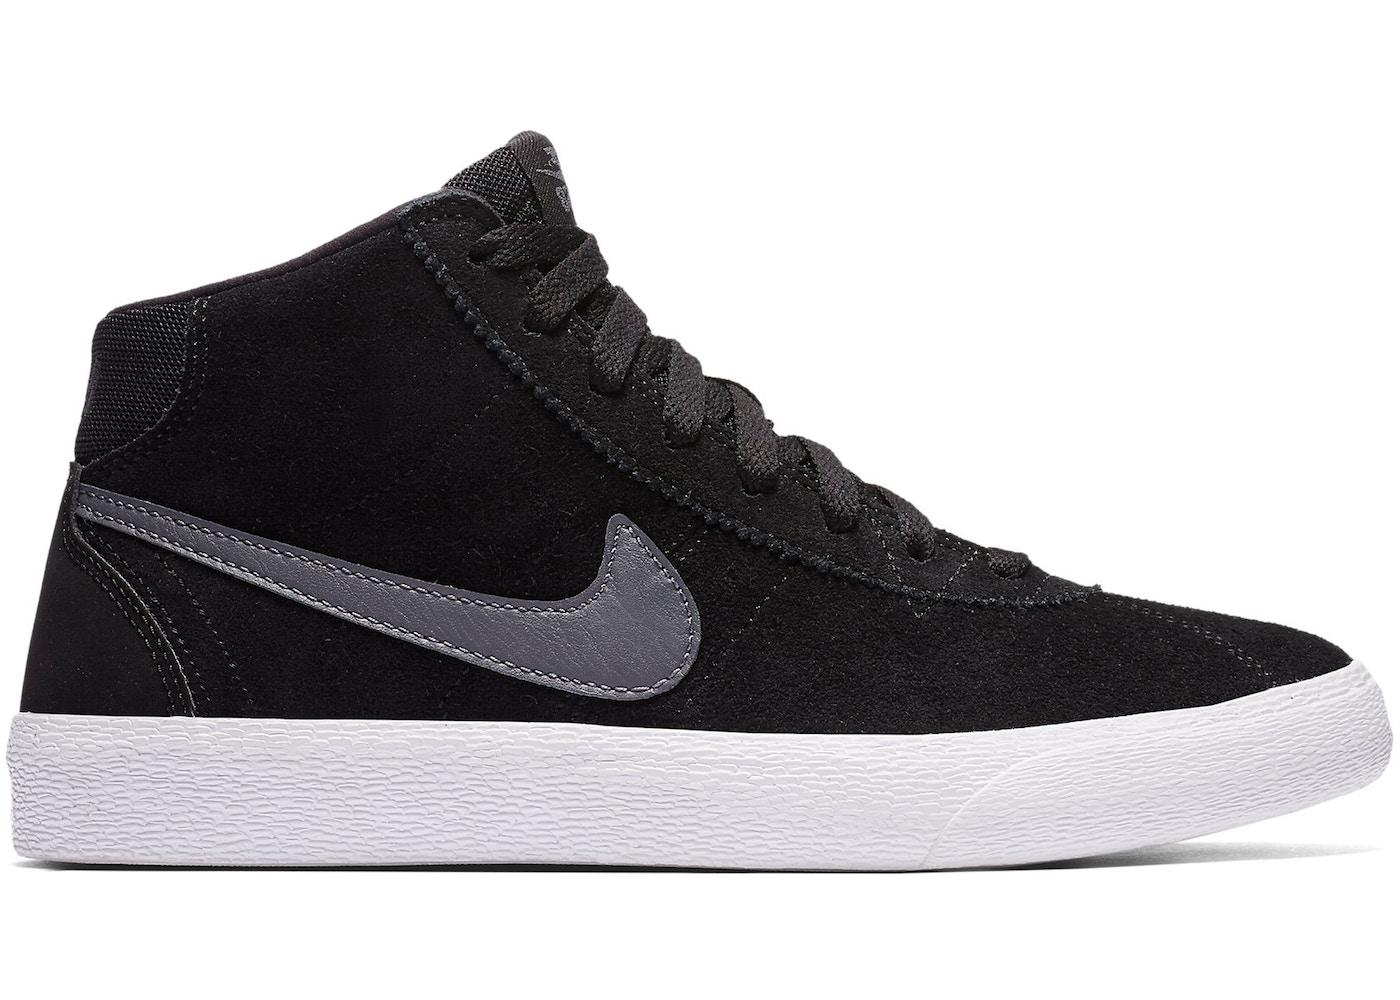 Nike SB Bruin High Black Dark Grey (W) 0ec2af910